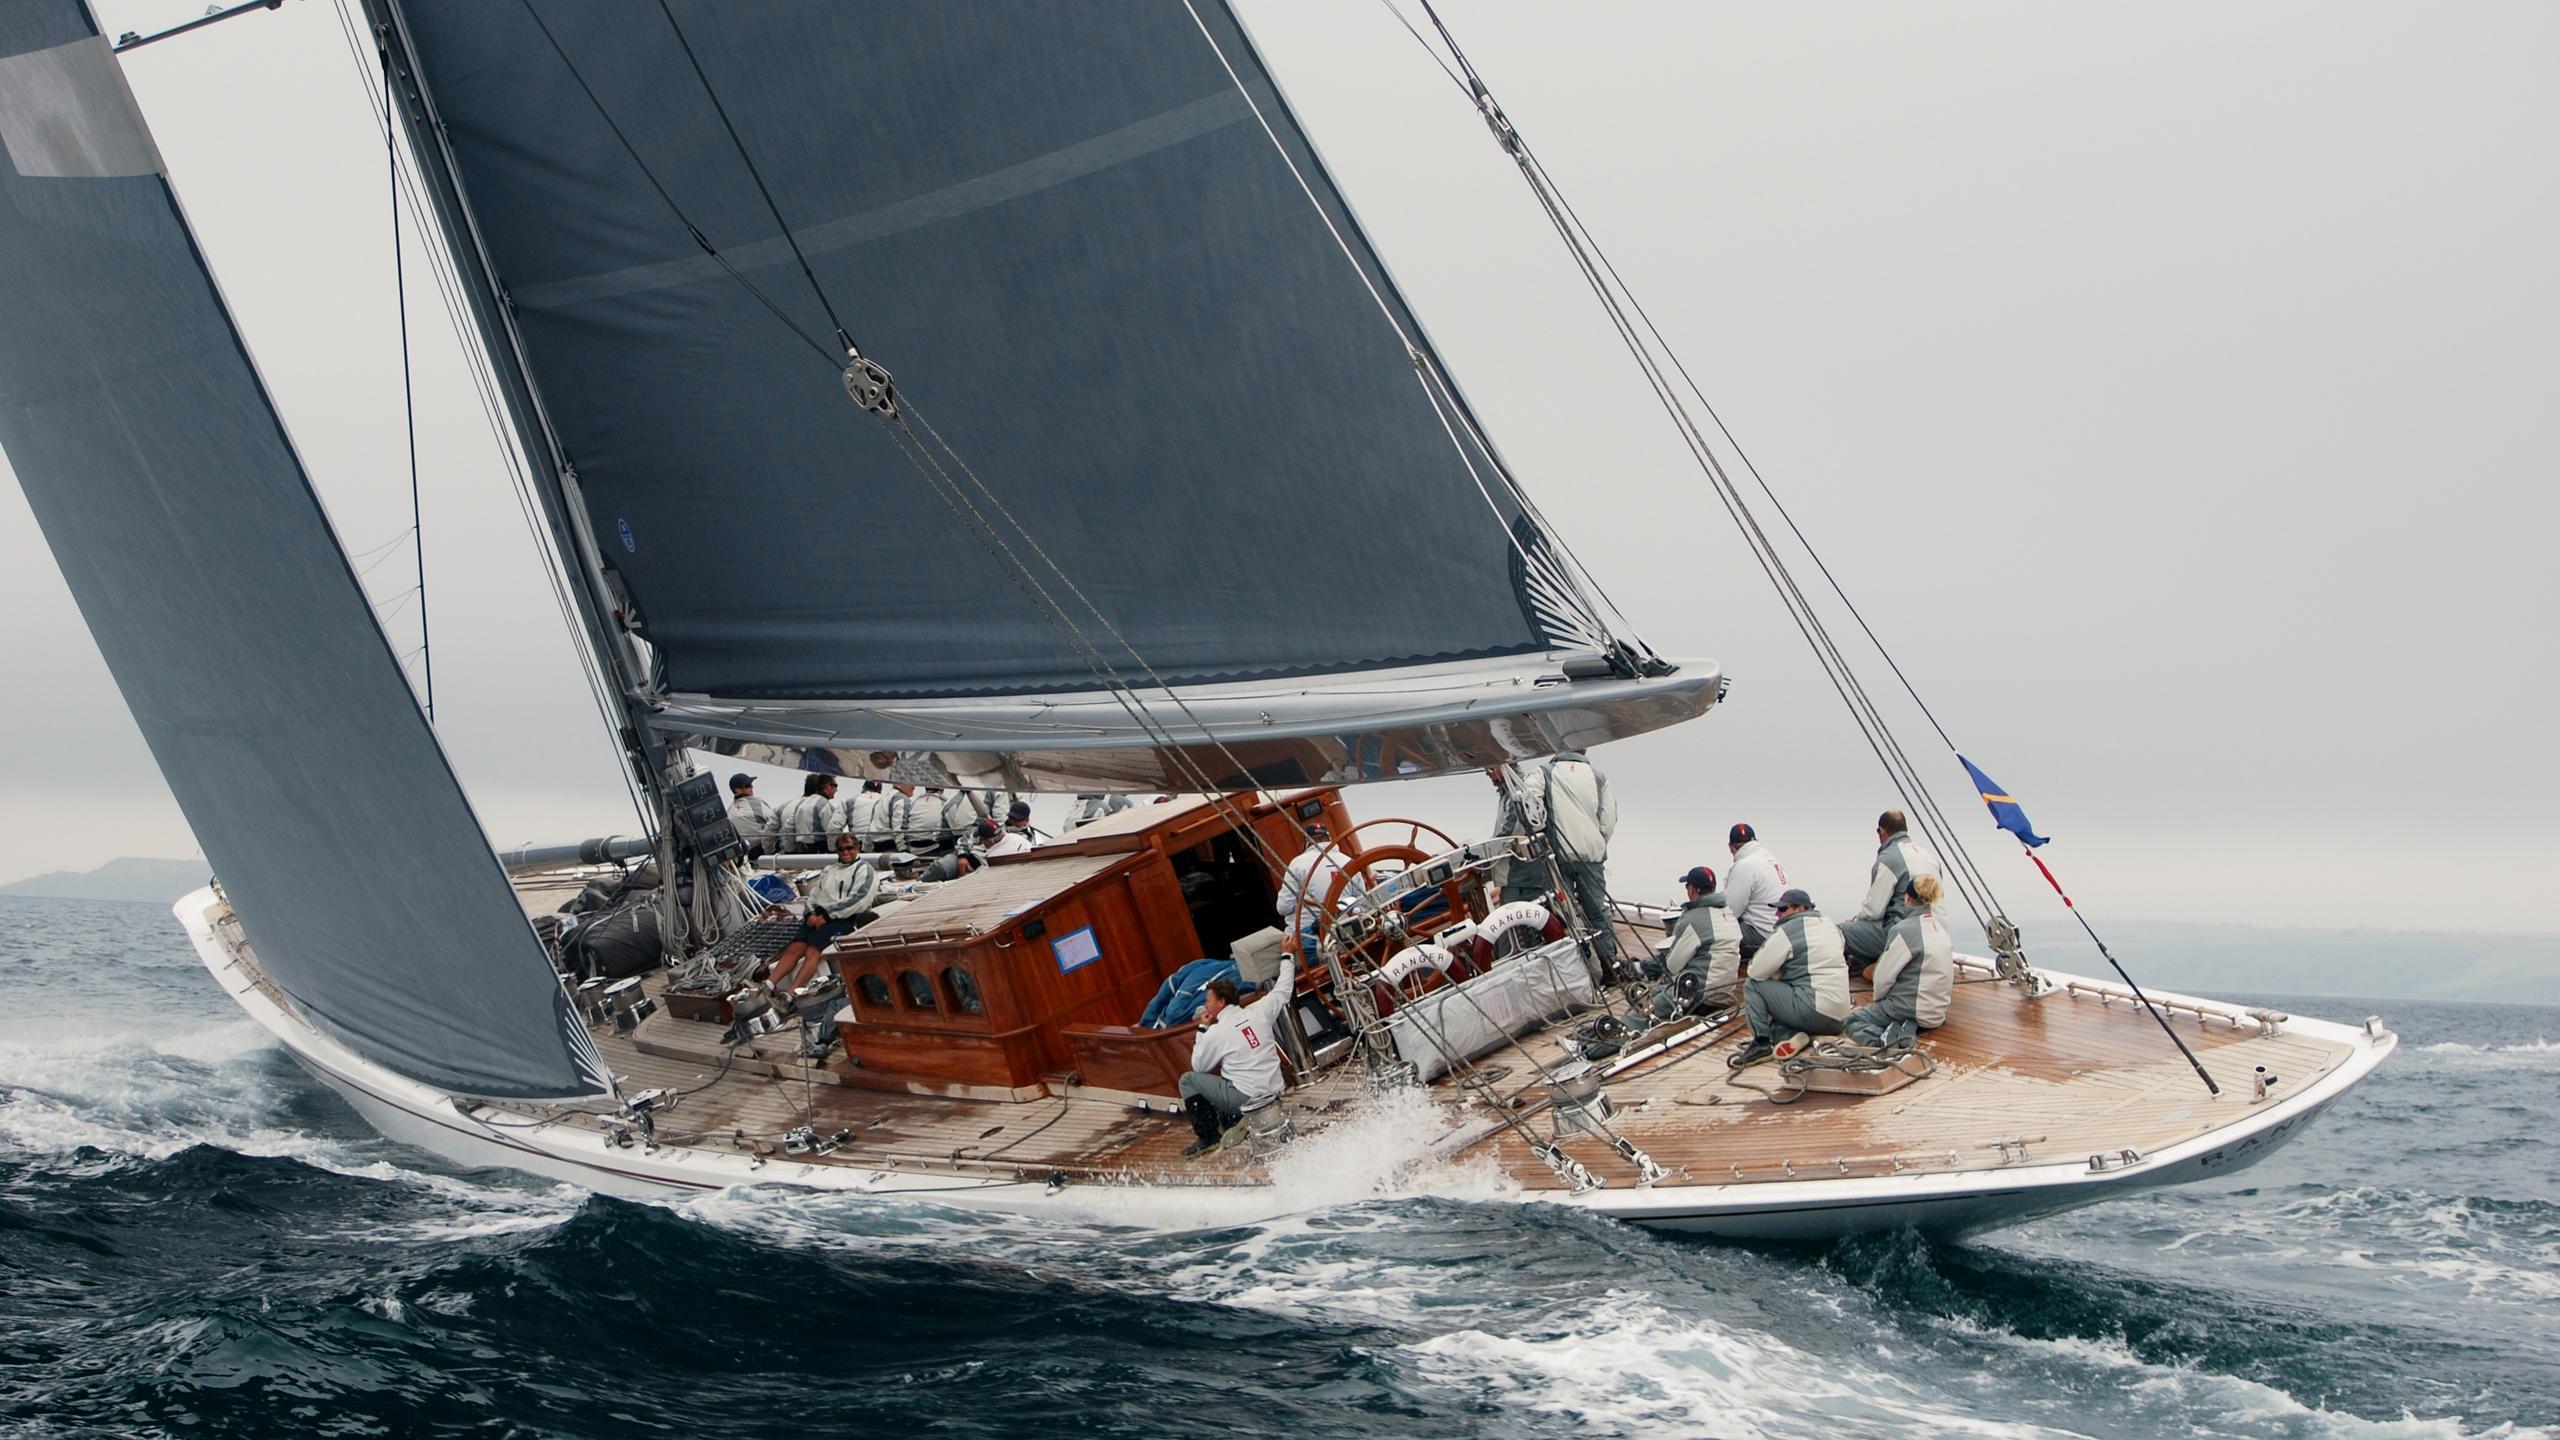 ranger-sailing-yacht-danish-2003-42m-stern-cruising